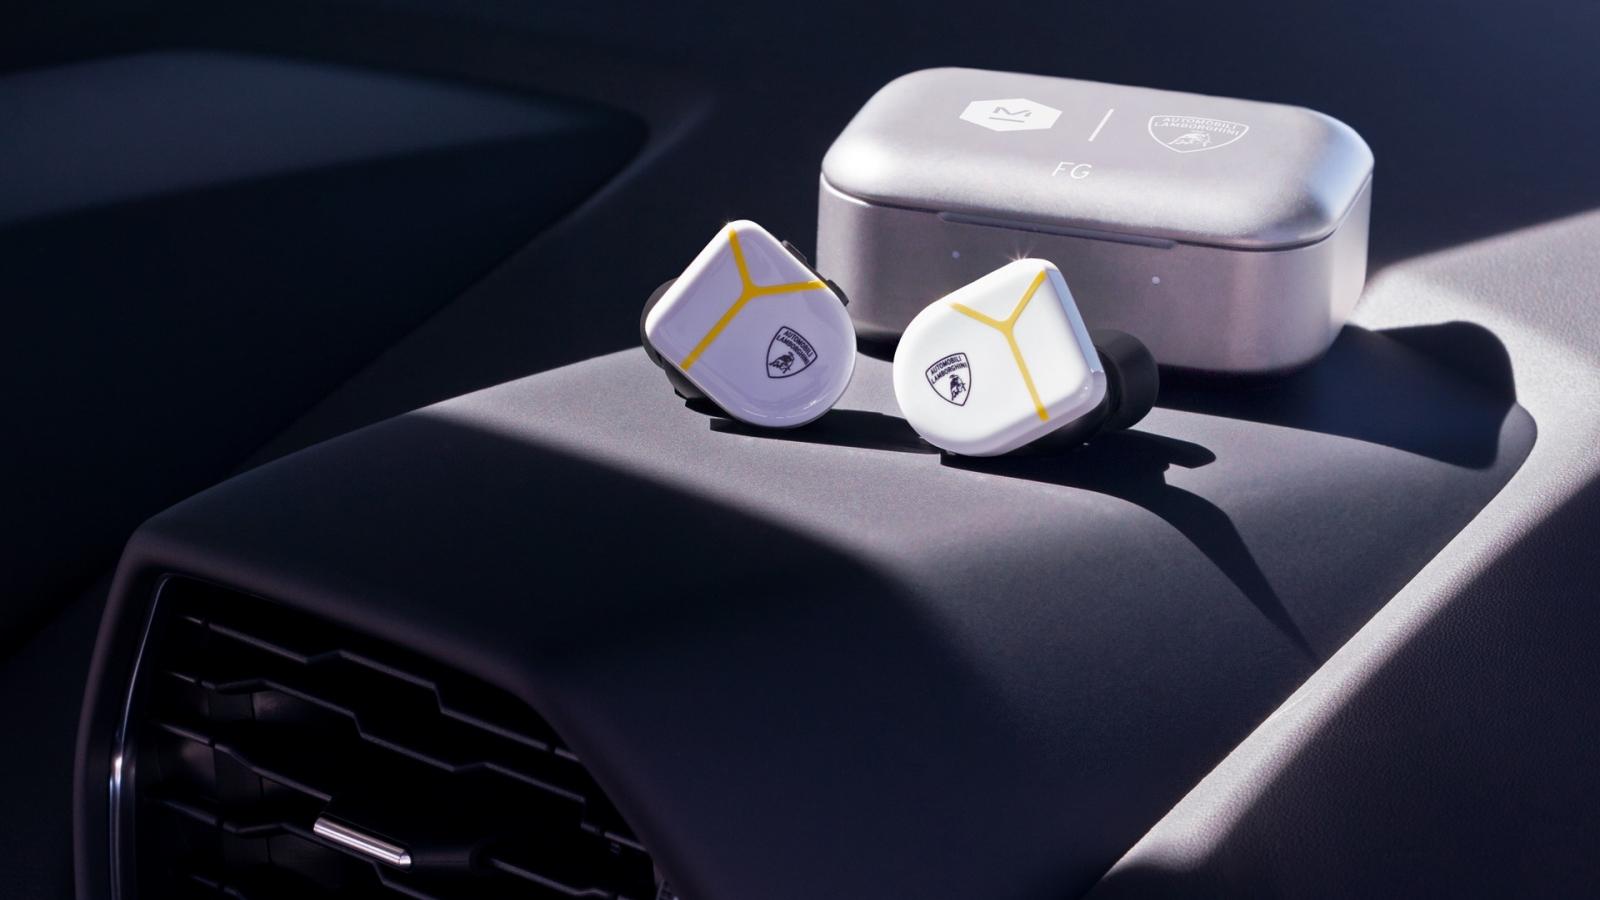 Tai nghe không dây chống ồn lấy cảm hứng từ những chiếc siêu xe nước Ý